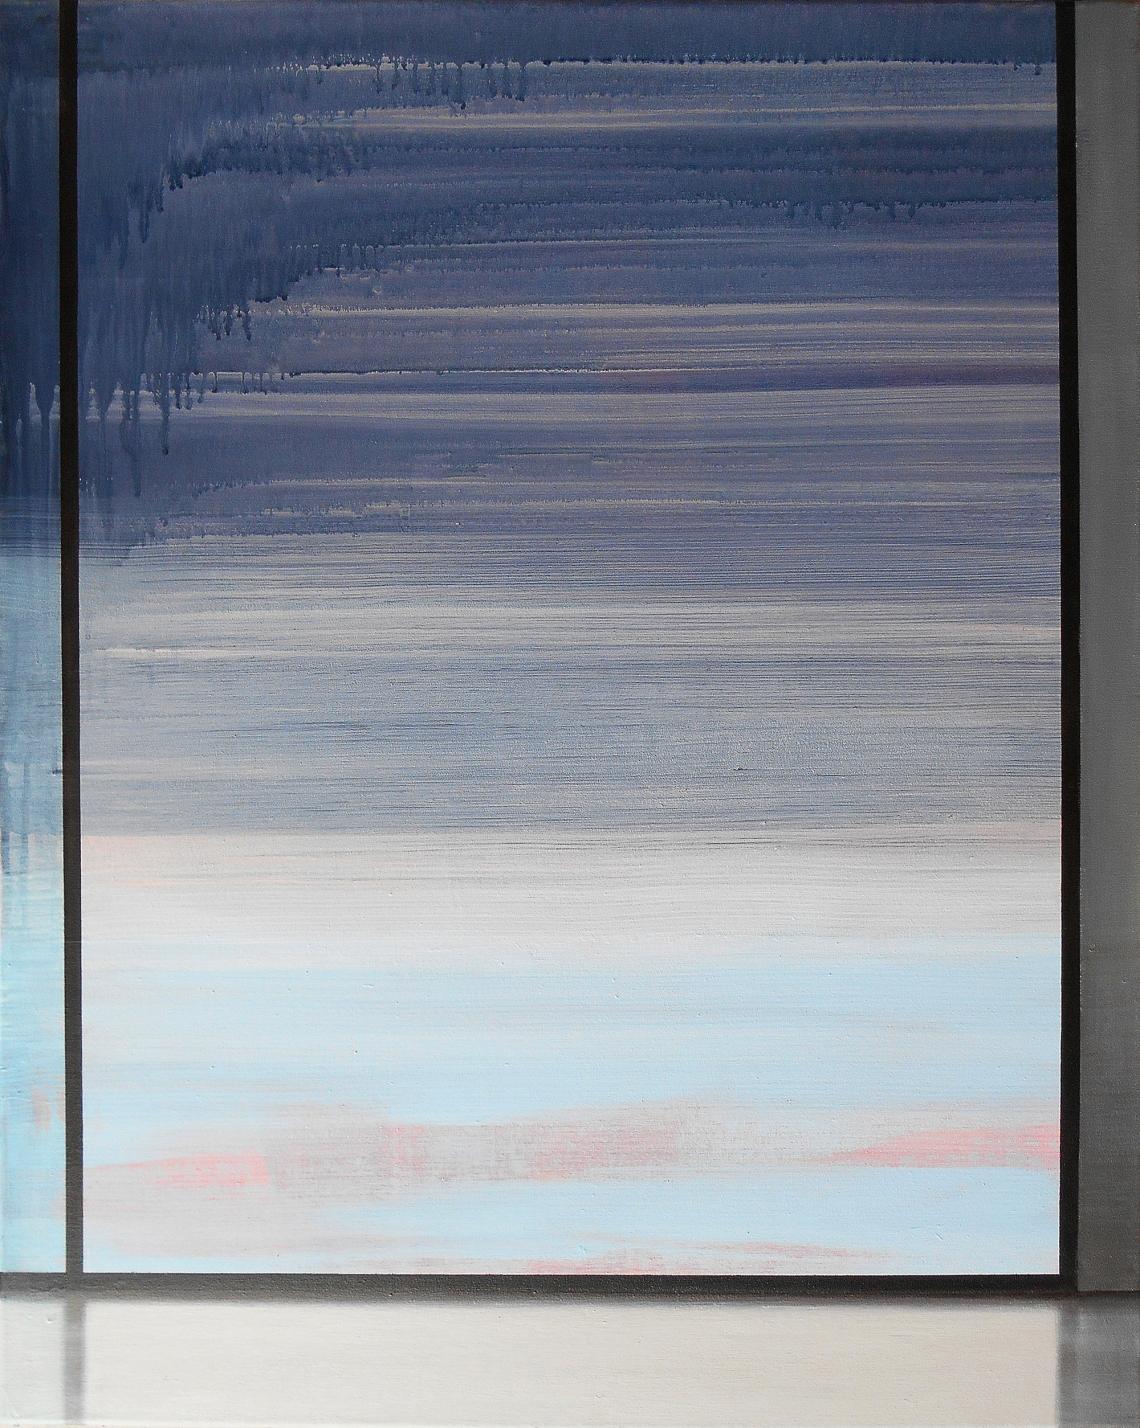 2014-008 줄 하늘